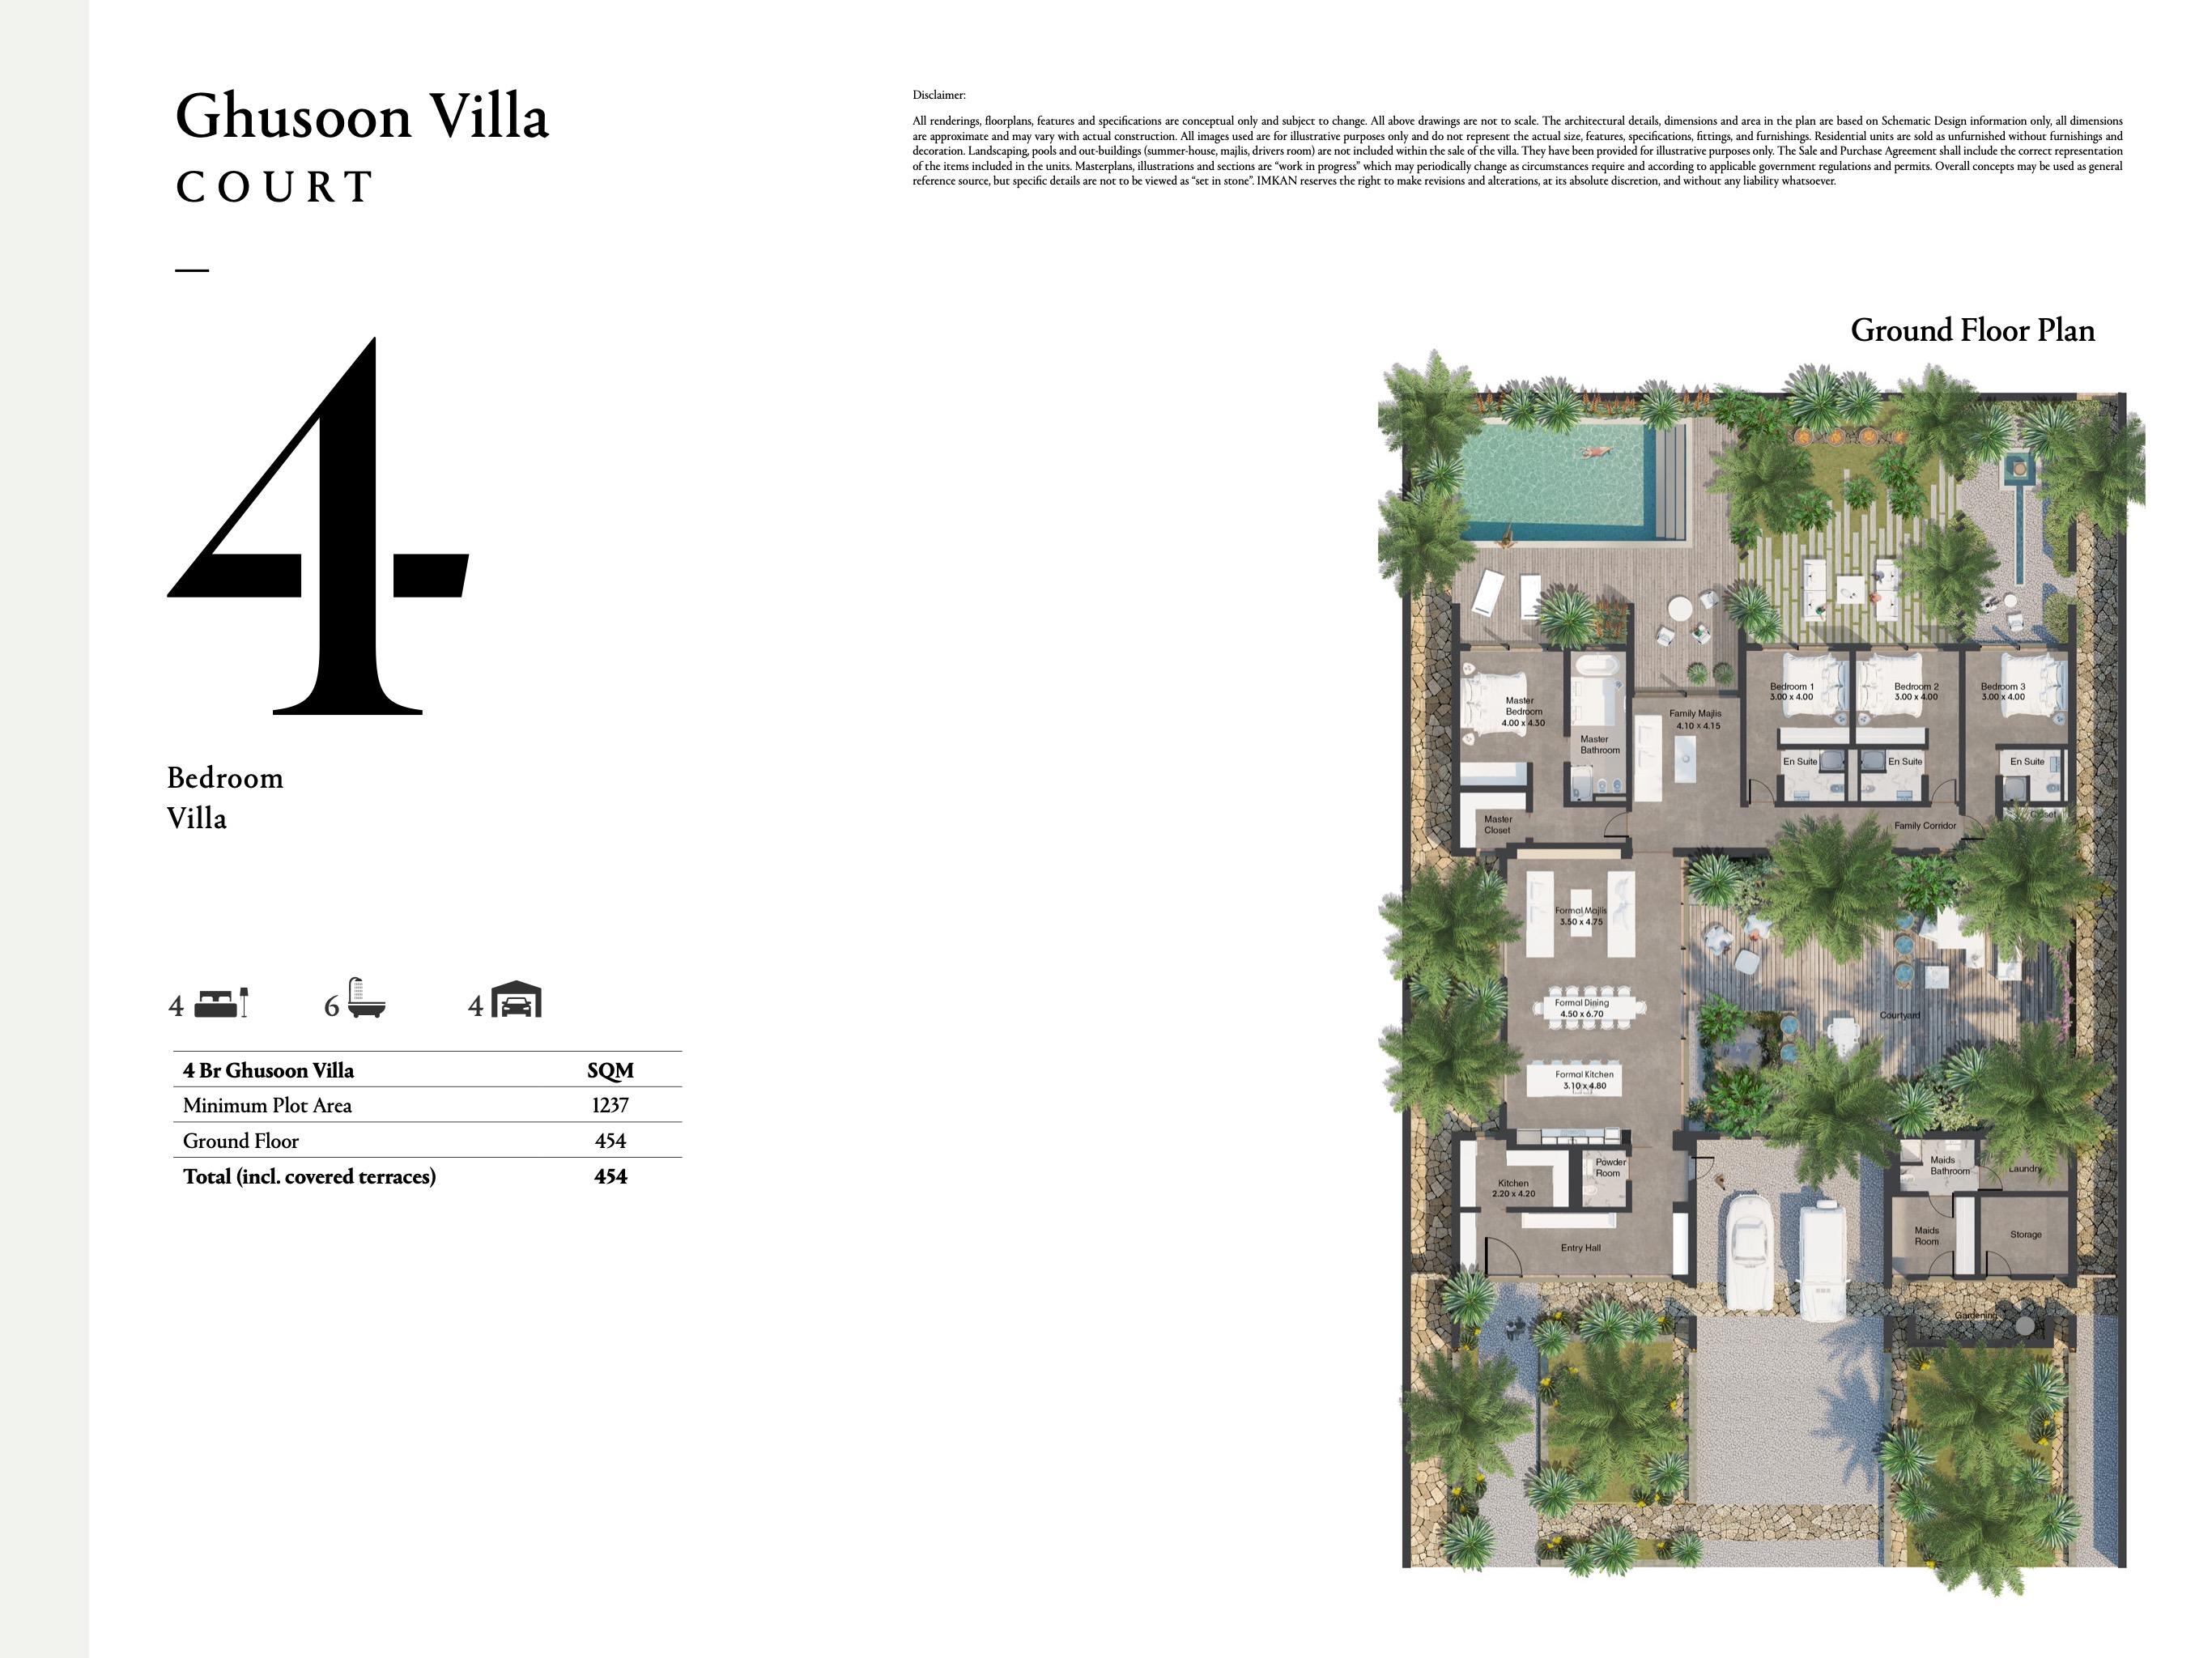 فلل من  4 غرف نوم بمساحة 454 متر مربع